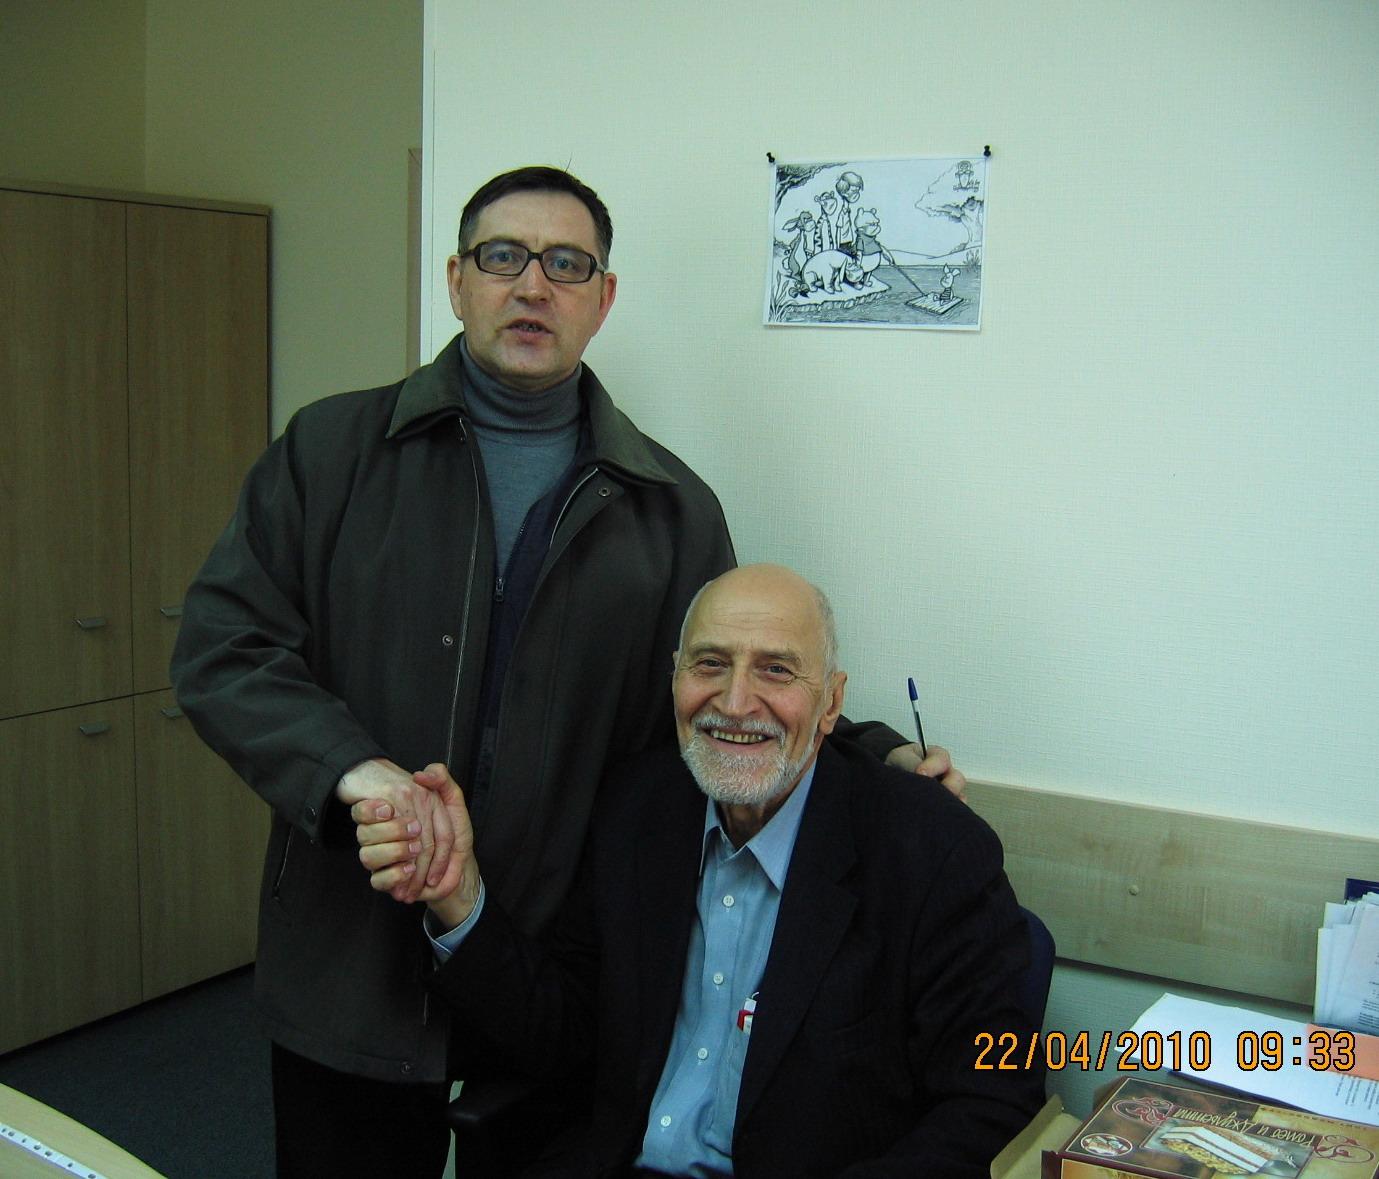 22 04 2010 Veche